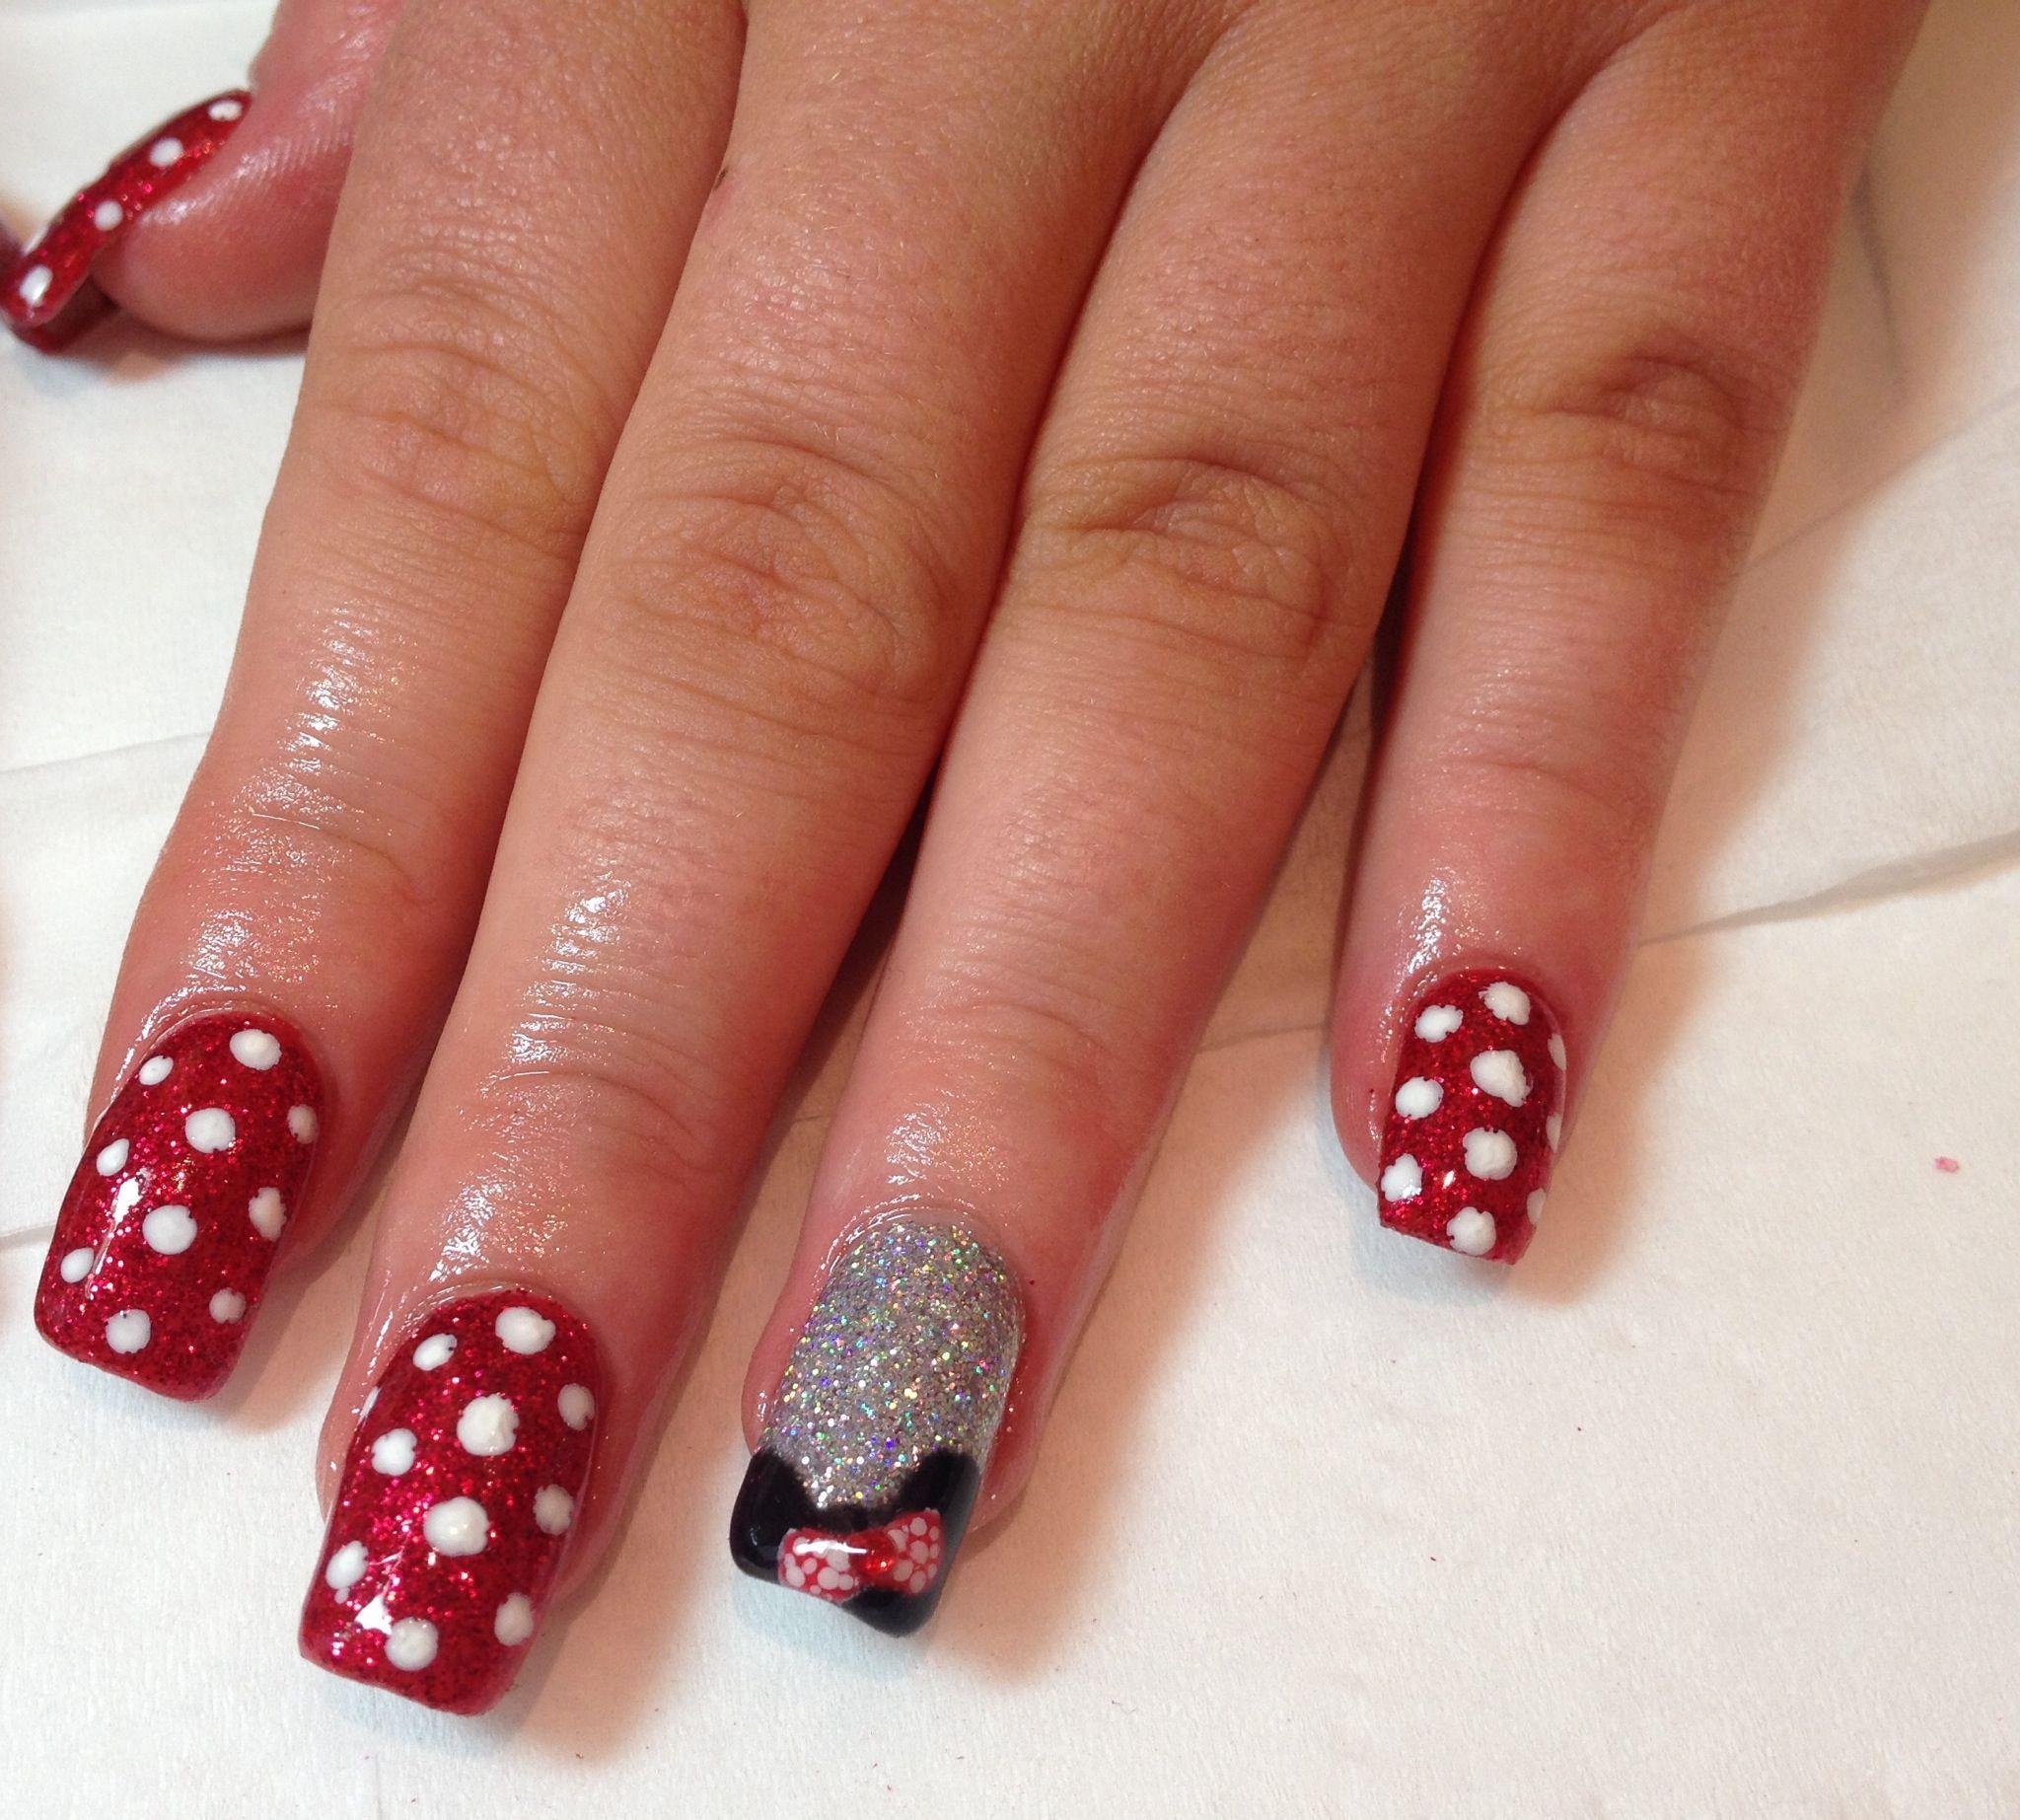 Minnie Mouse nails   Diseño de uñas Carolina.   Pinterest   Minnie ...